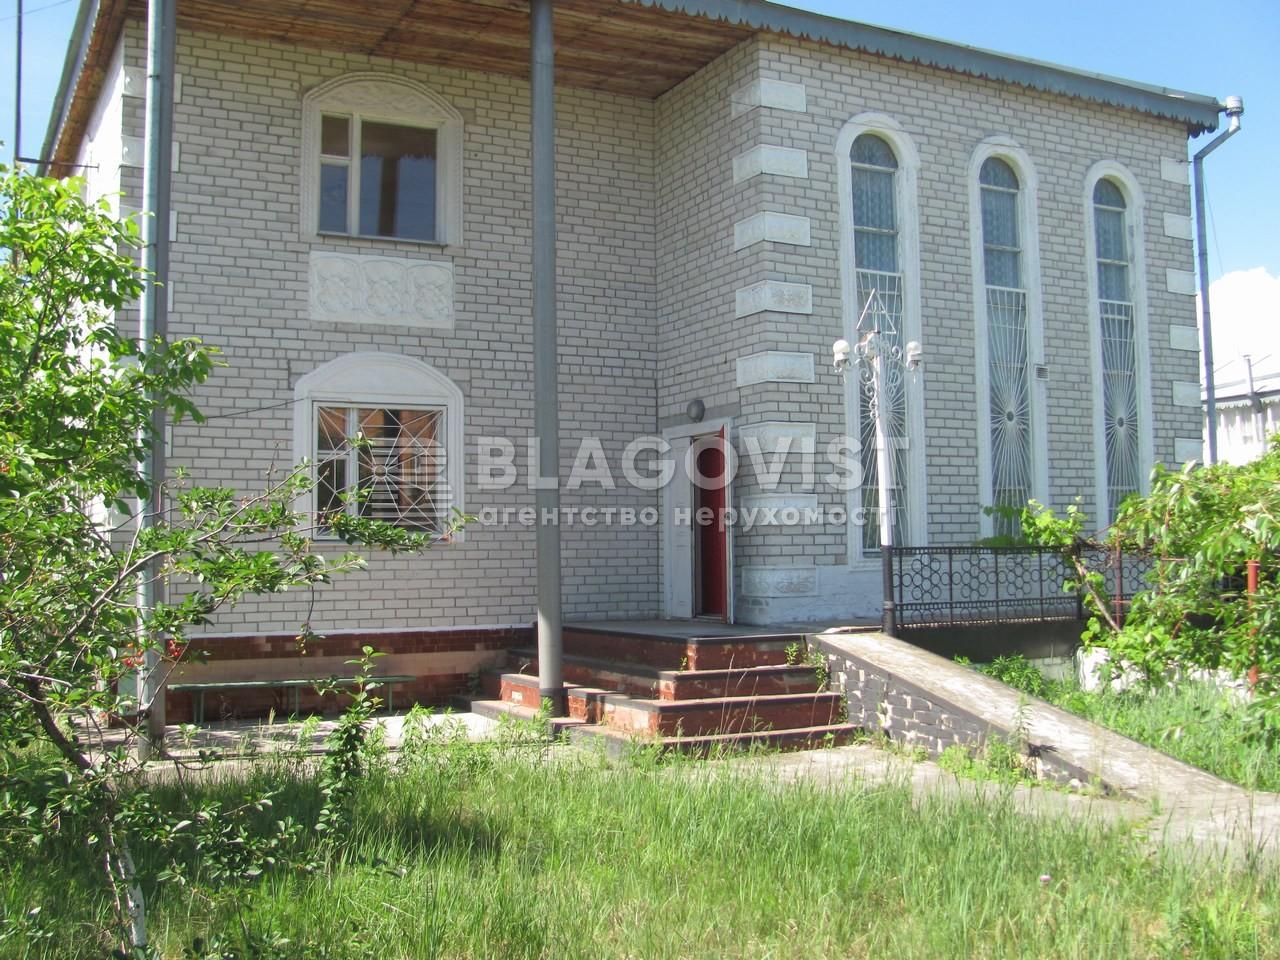 Будинок G-4849, Карла Маркса (Бортничі), Київ - Фото 3